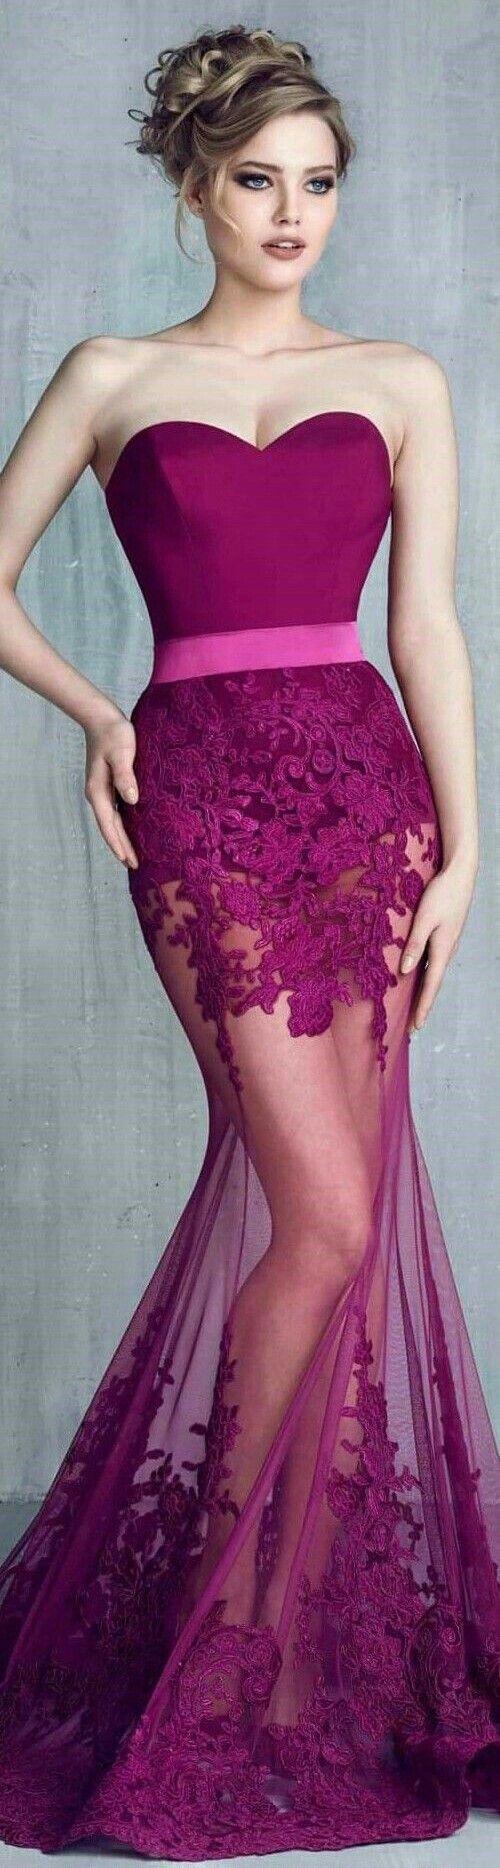 Mejores 349 imágenes de Vestidos en Pinterest | Ao dai, Beleza y ...